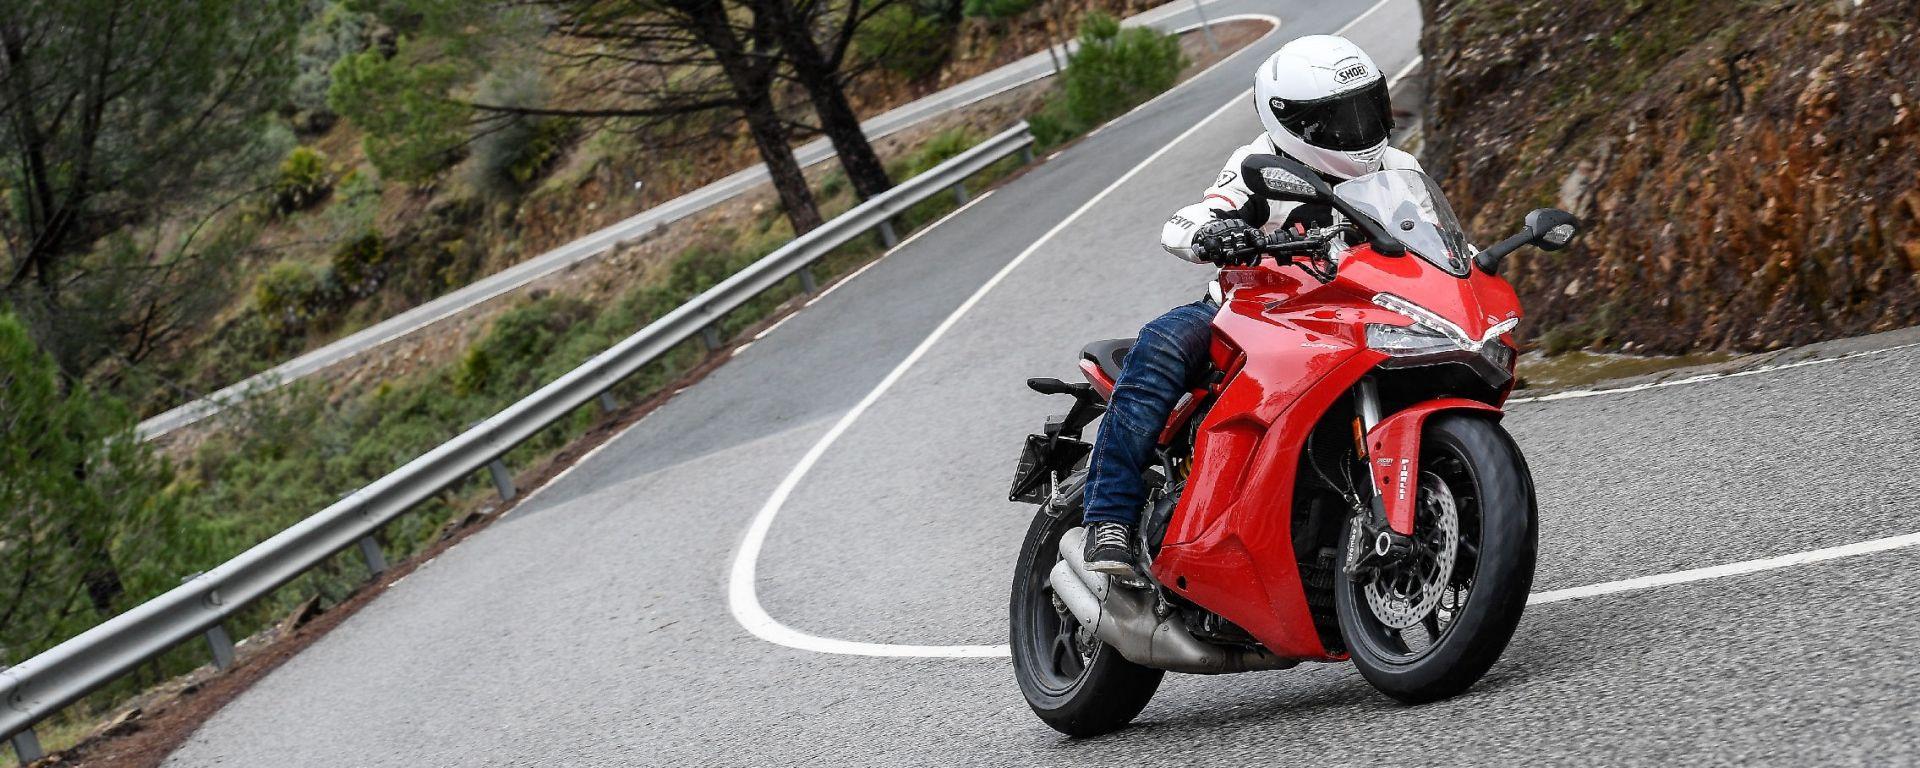 Ducati Supersport e Supersport S: prova, prezzi e caratteristiche [VIDEO]